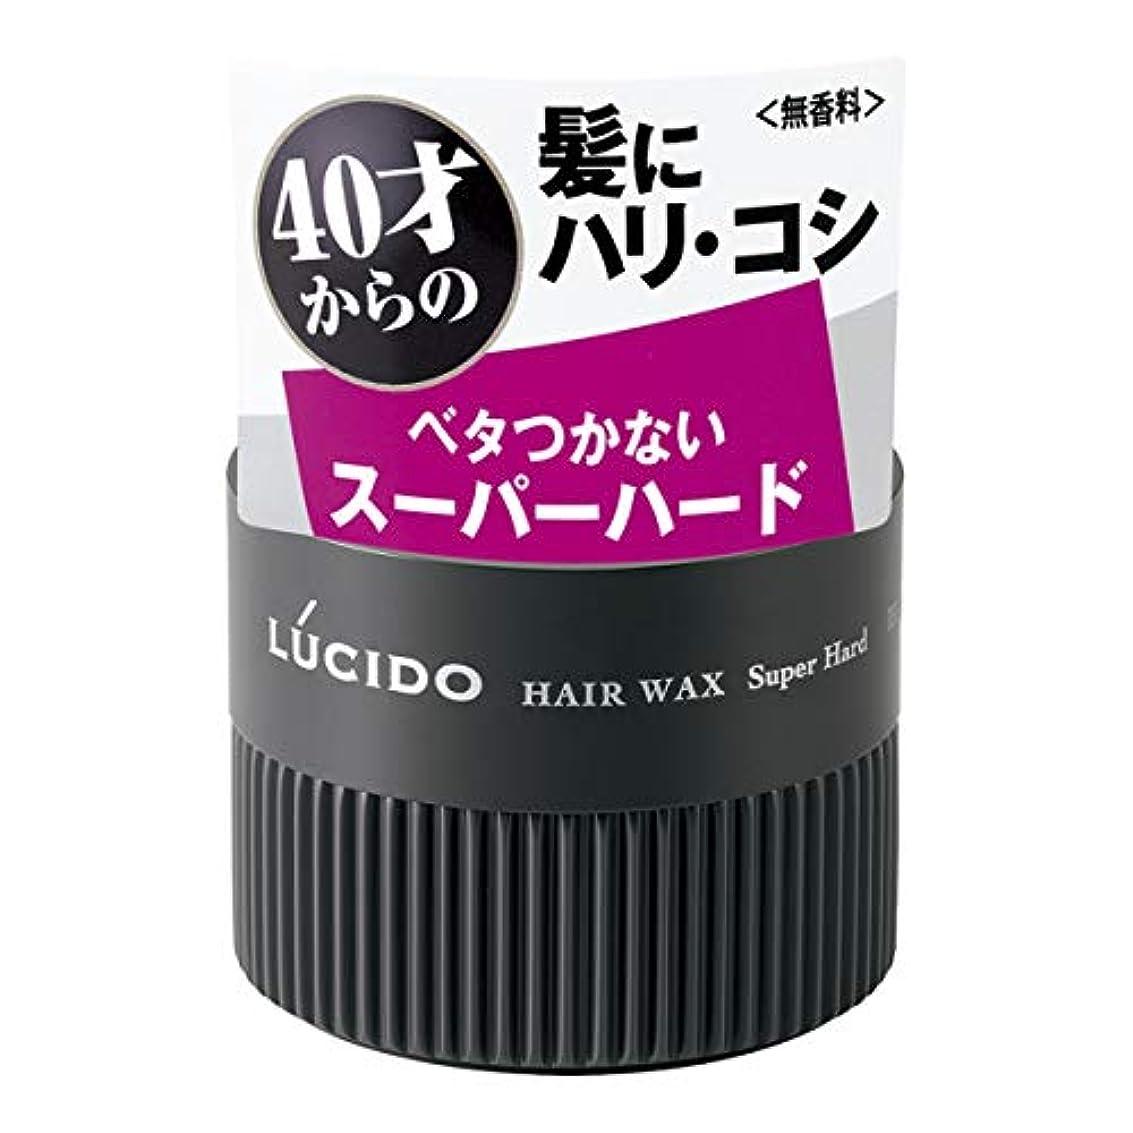 不利益右擬人化LUCIDO(ルシード) ヘアワックス スーパーハード 80g